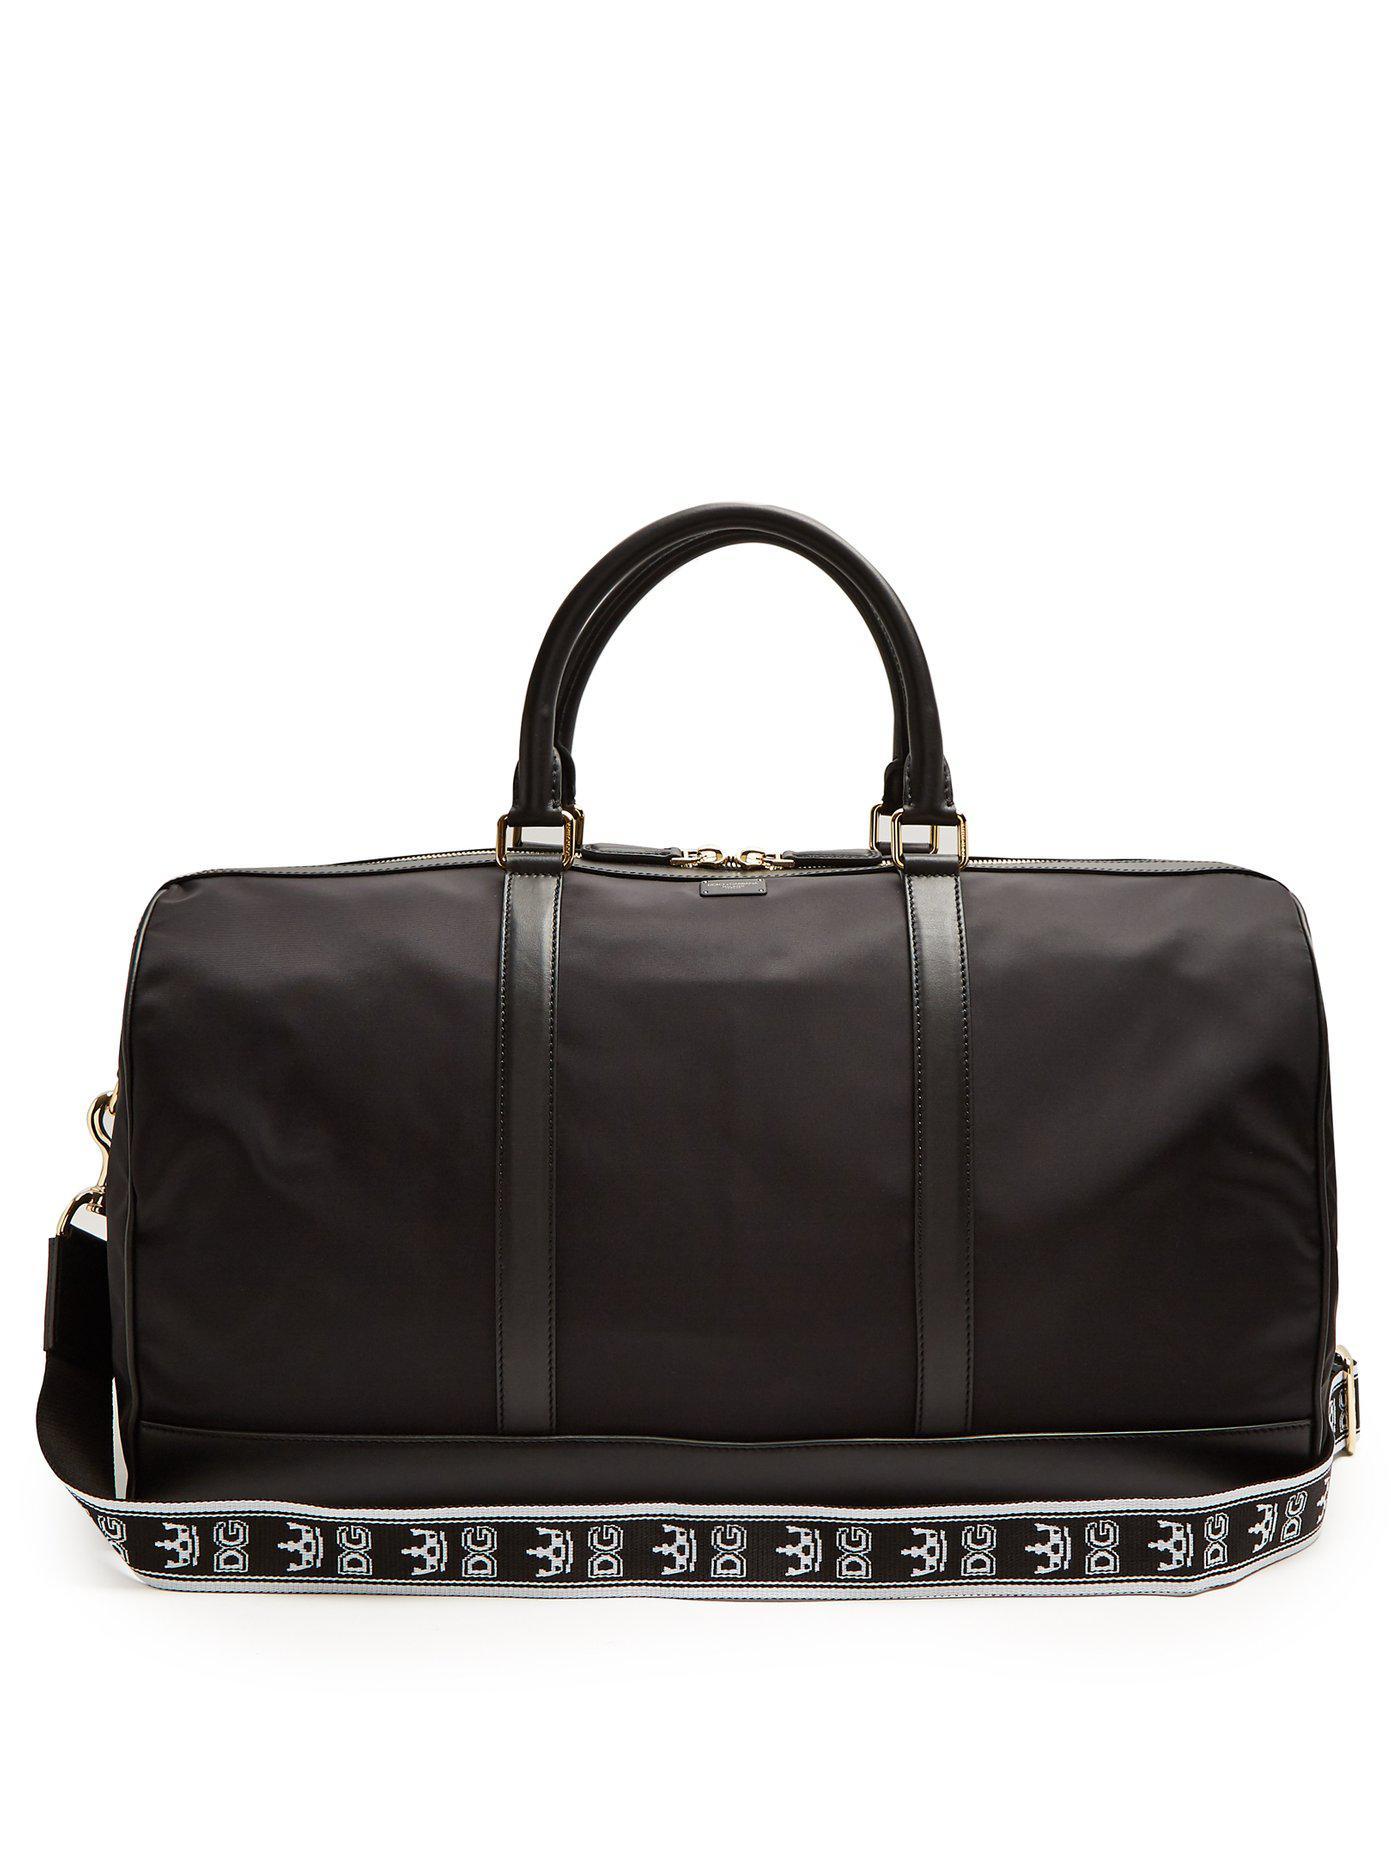 Lyst - Cabas en nylon à bords en cuir Dolce   Gabbana pour homme en ... 8251cde4f38b